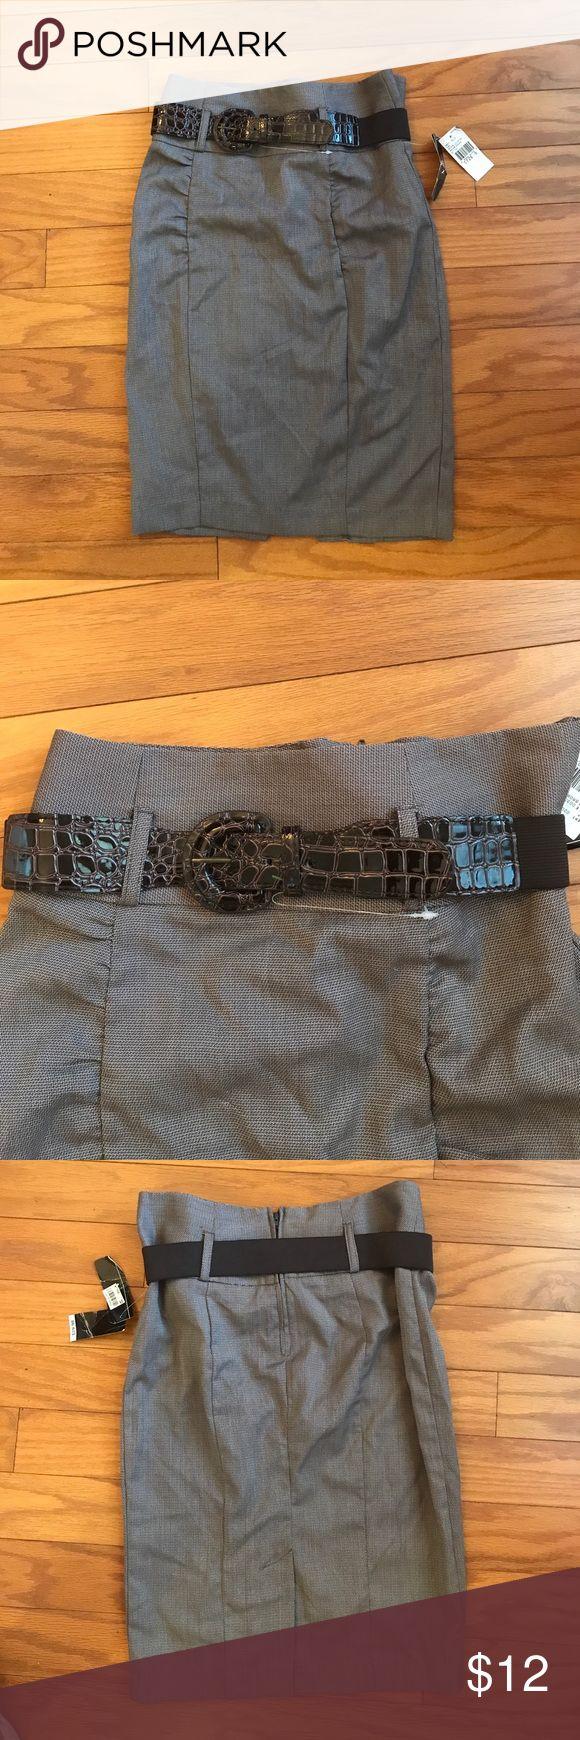 🔥SALE🔥BCX Brown Pencil Skirt BCX brown pencil skirt with faux crocodile belt! Juniors size 5! Never worn! BCX Skirts Pencil